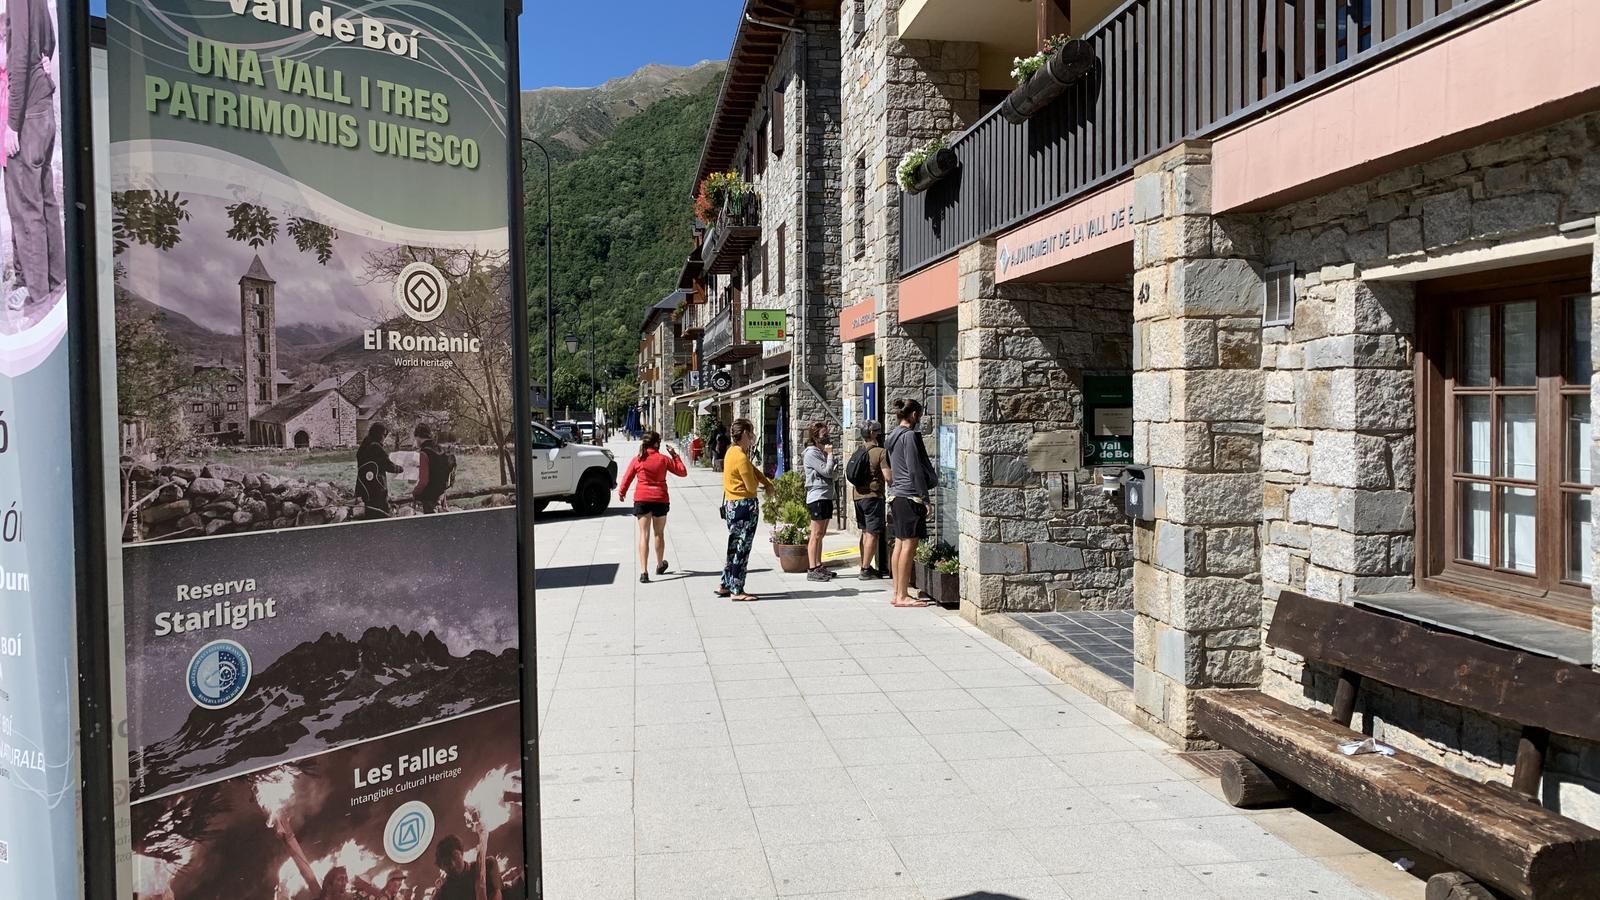 L'Ajuntament de la Vall de Boí, a Barruera. / G.L.T.